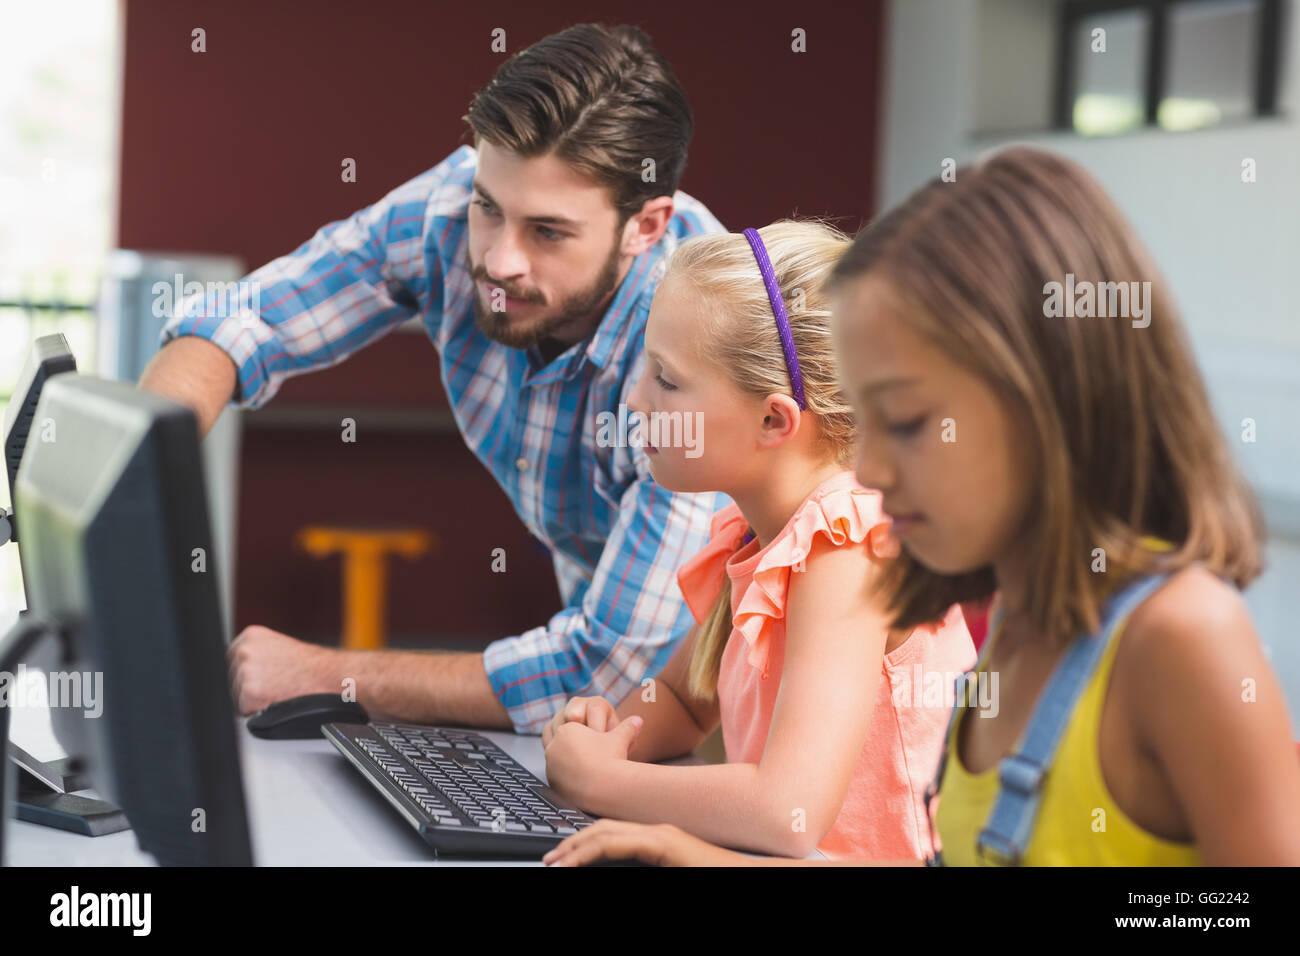 Docente aiutare studentesse in computer di apprendimento Immagini Stock